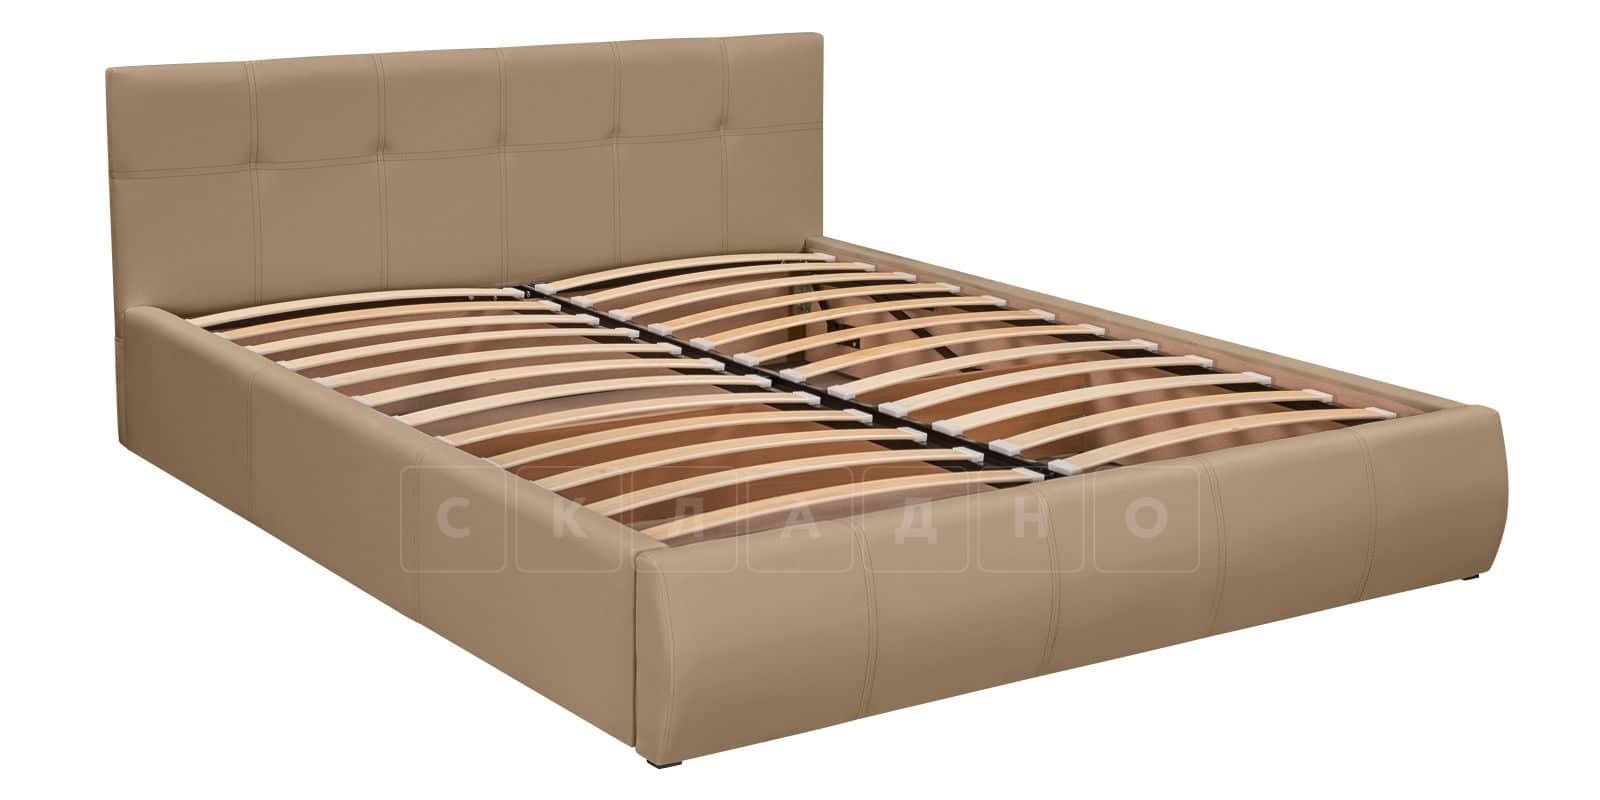 Мягкая кровать Афина 160см экокожа темно-бежевого цвета фото 5 | интернет-магазин Складно